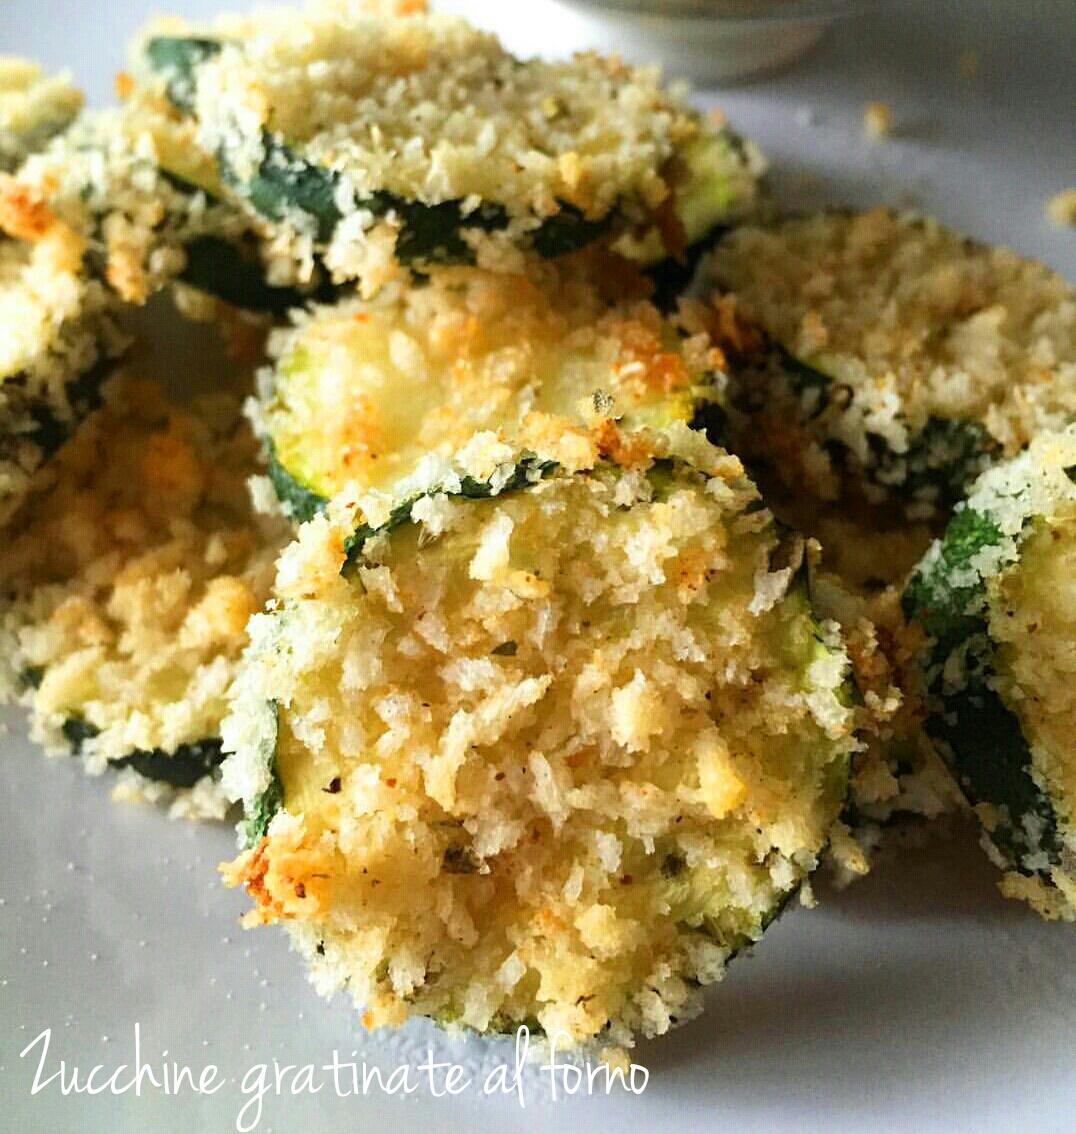 Zucchine gratinate croccanti al forno